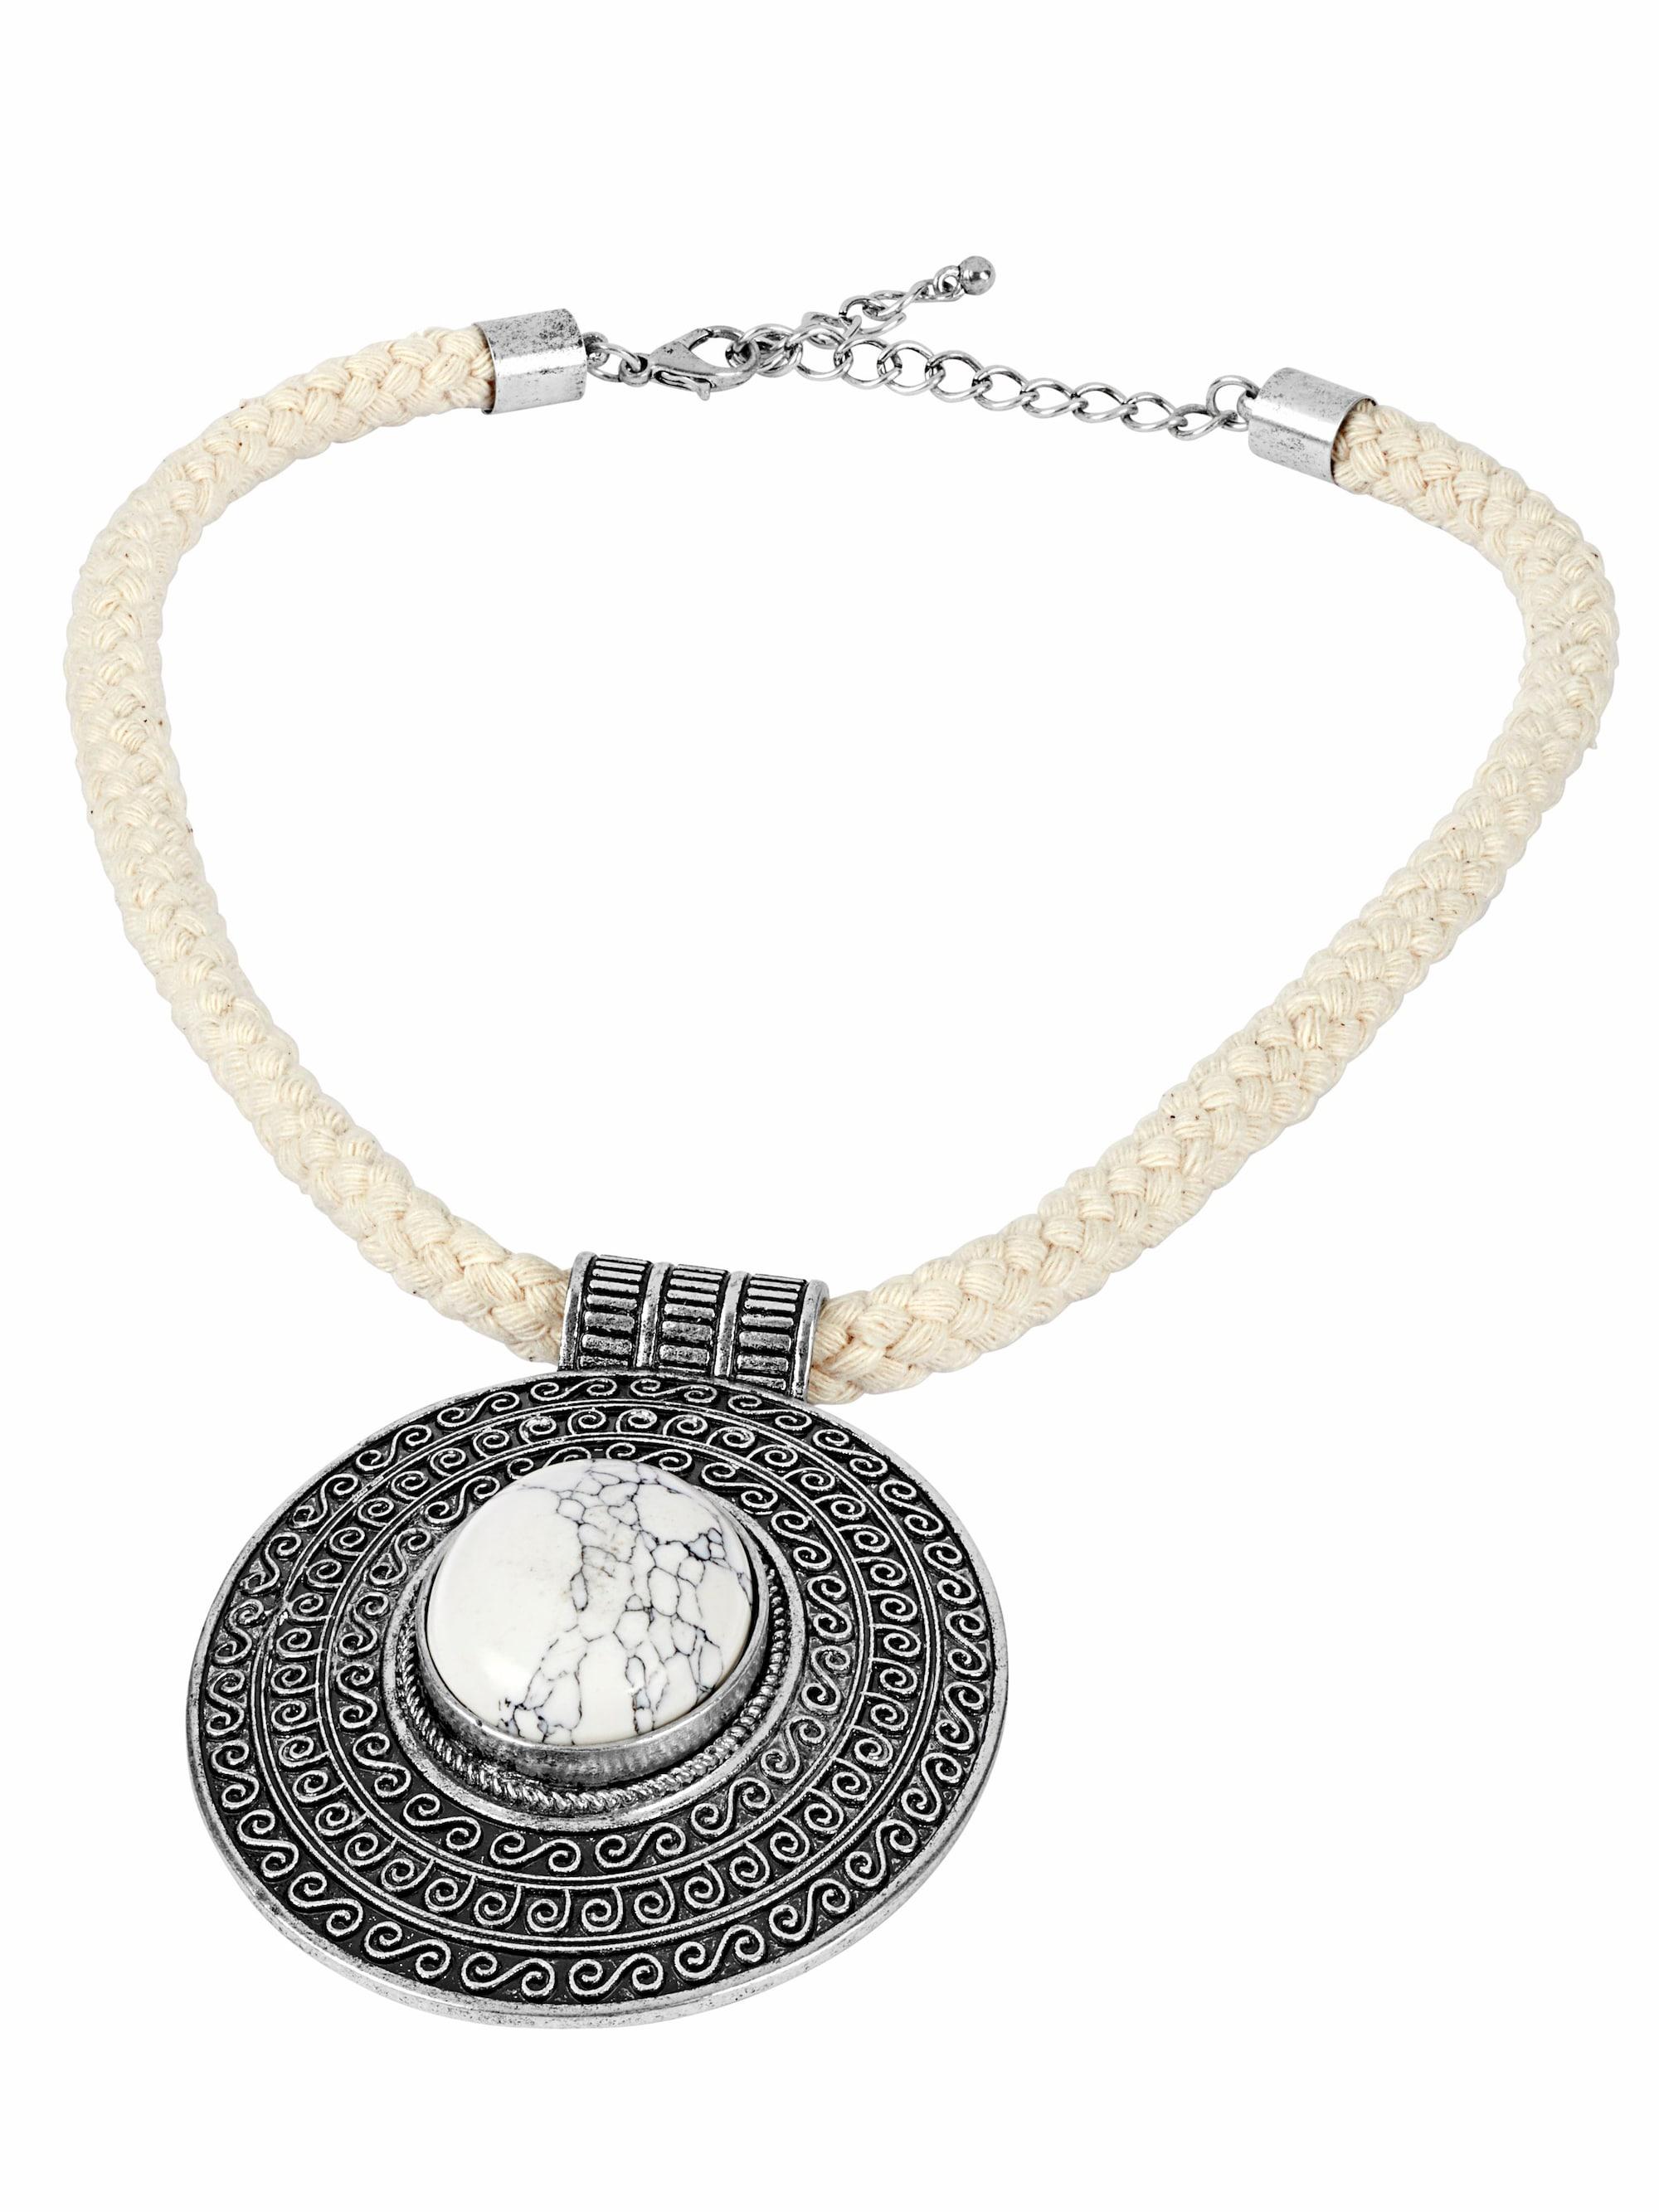 Collier mit marmoriertem Stein